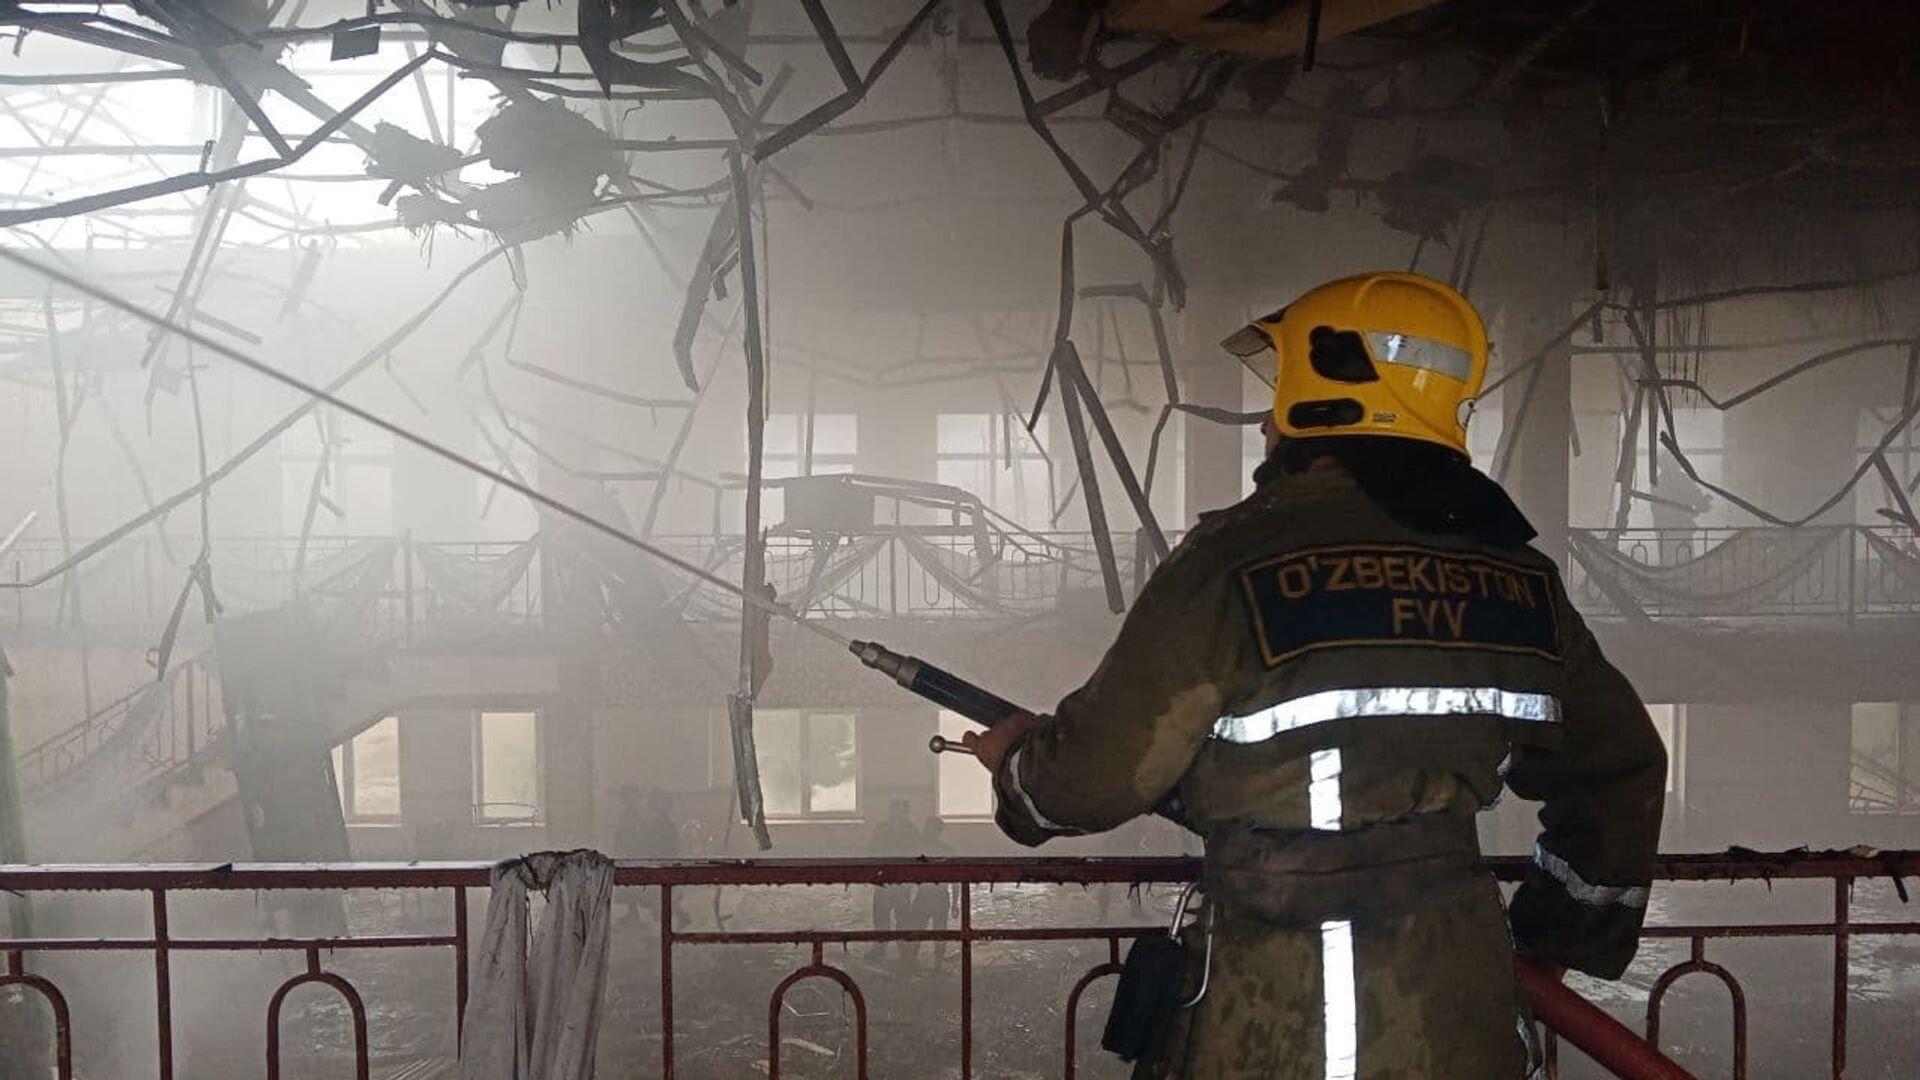 Спасатели МЧС ликвидировали пожар, вспыхнувший в одном из ресторанов Самаркандской области - Sputnik Ўзбекистон, 1920, 13.03.2021